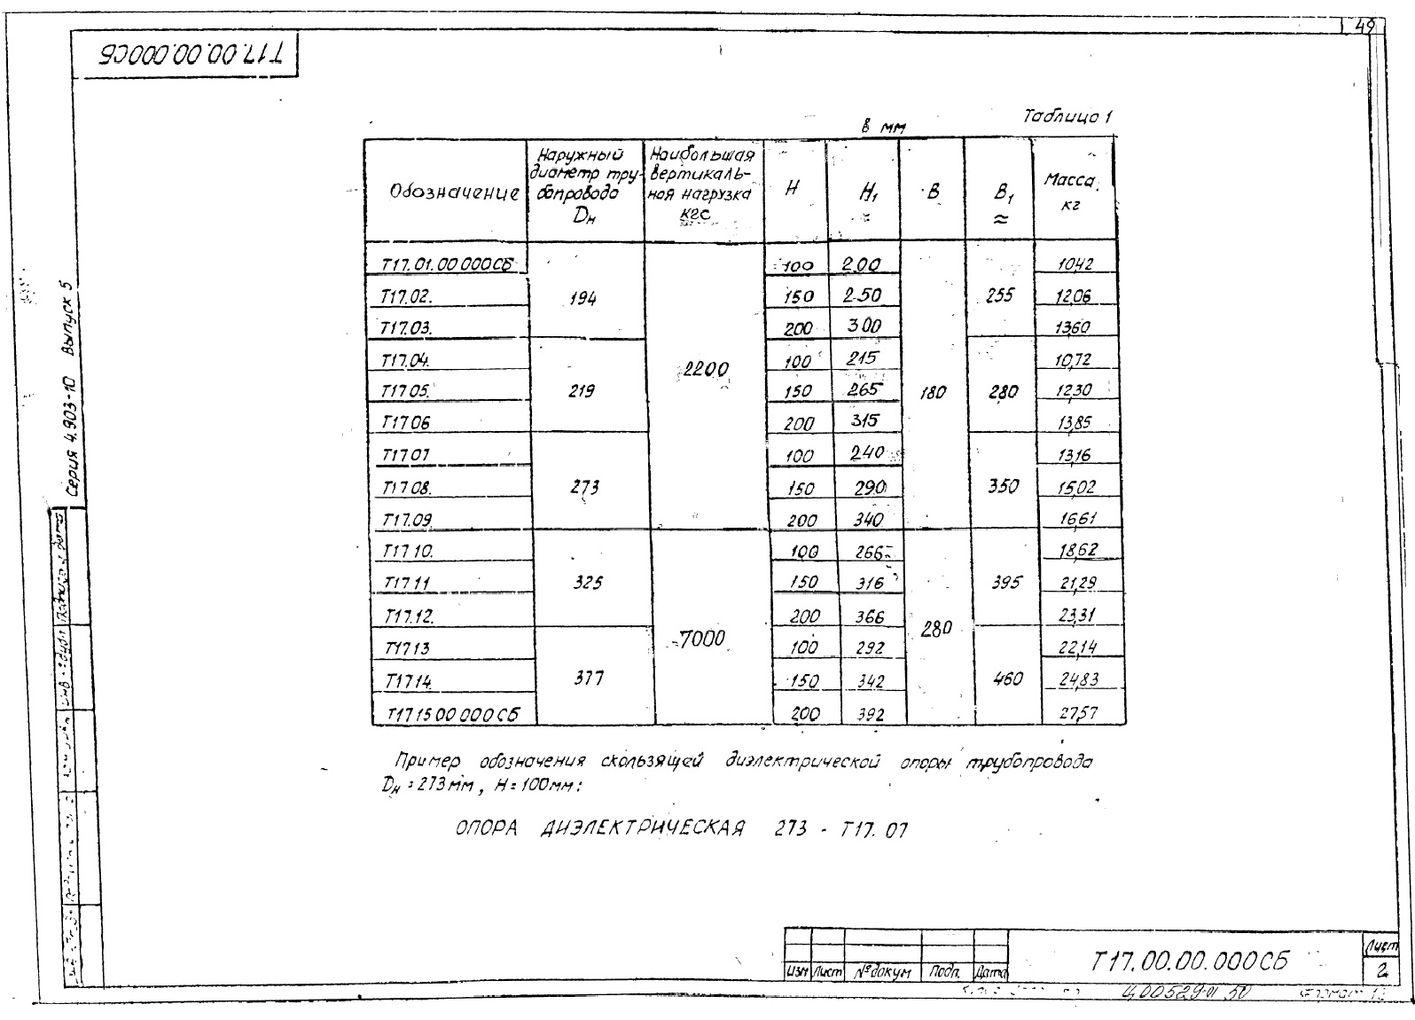 Опоры скользящие диэлектрические Т17 серия 4.903-10 выпуск 5 стр.2